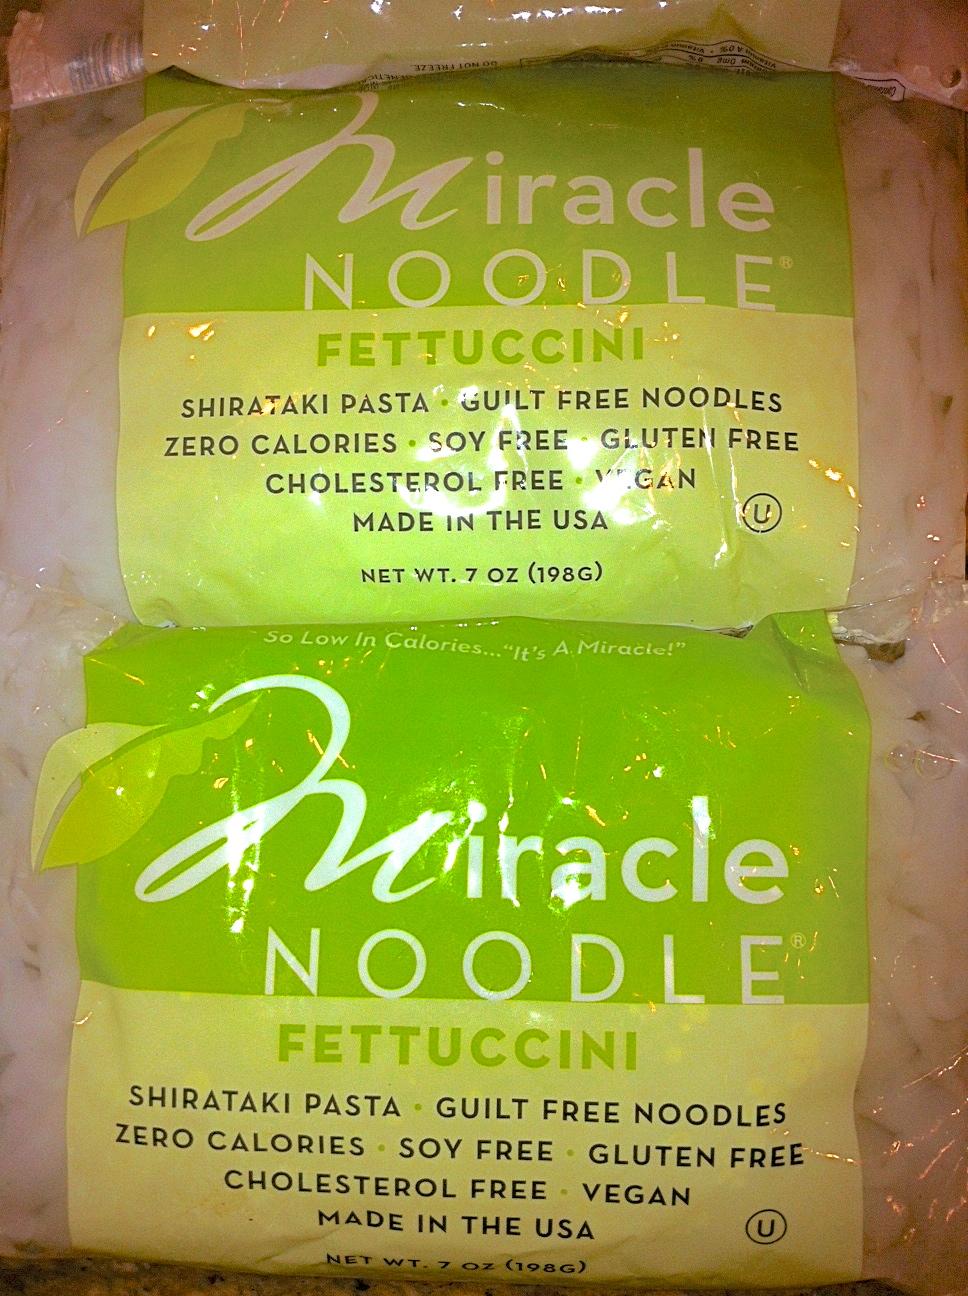 0 calorie noodle